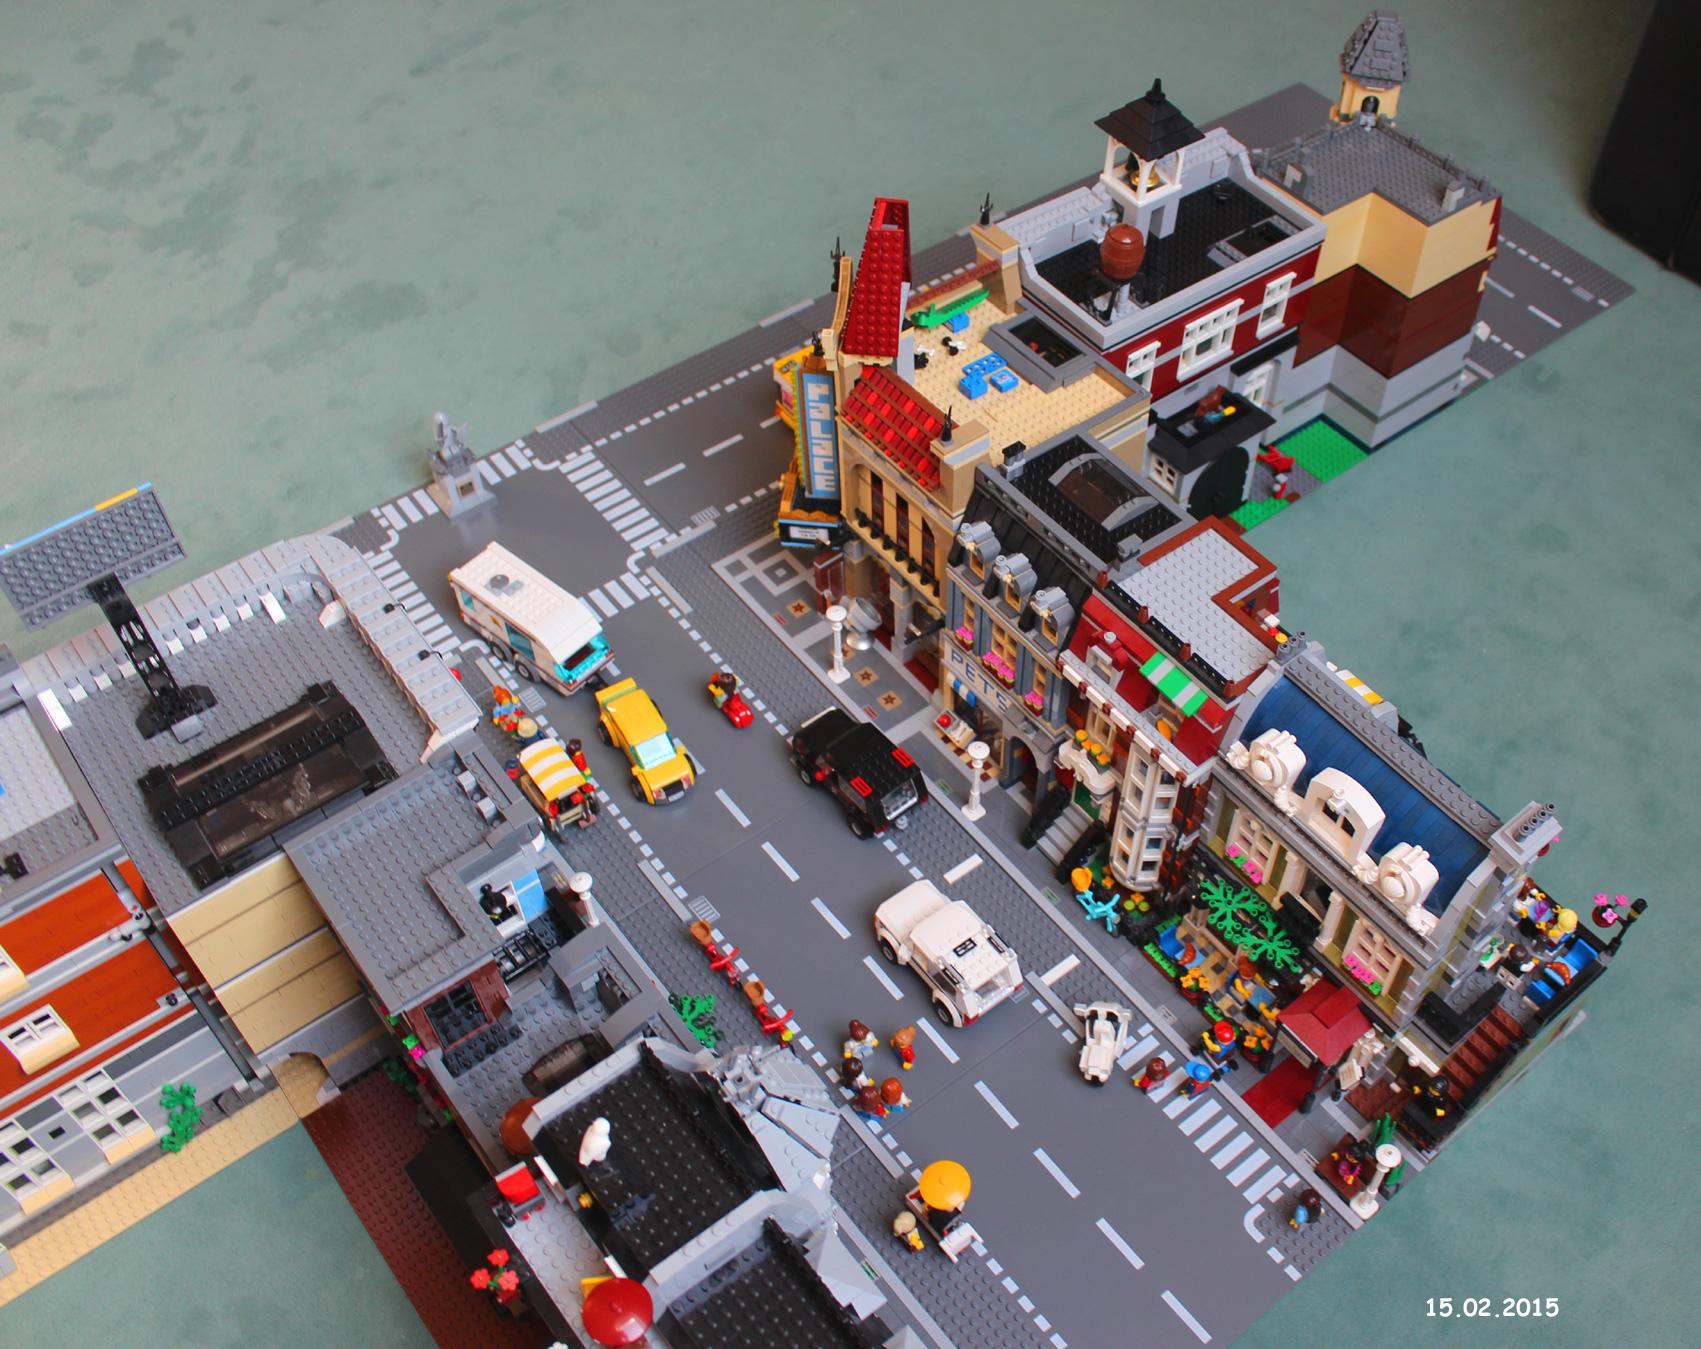 Lego City 02-2015